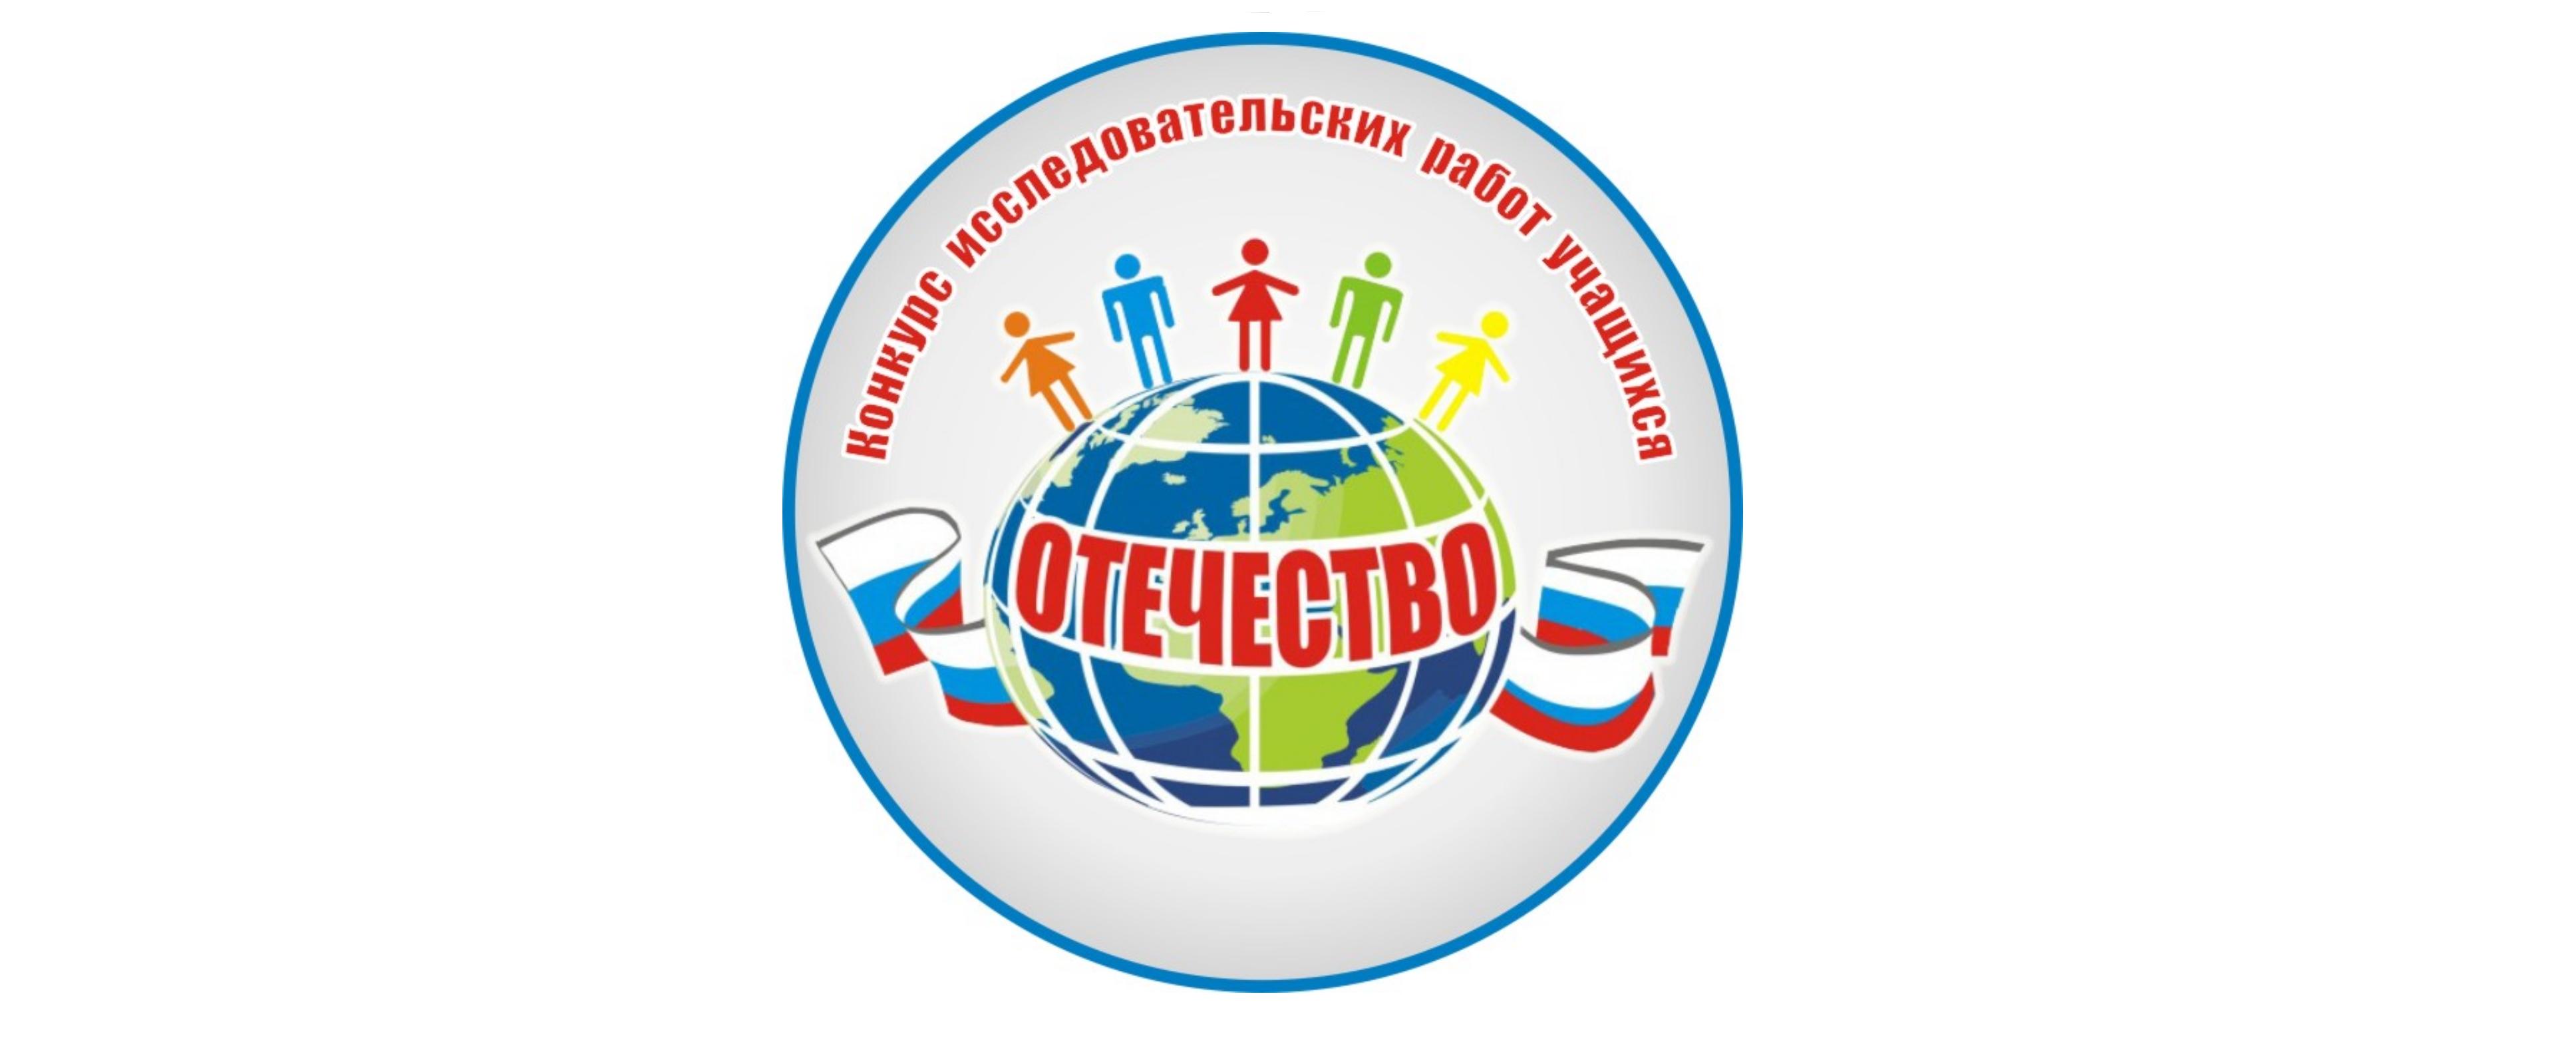 Областной этап Всероссийского конкурса исследовательских краеведческих работ учащихся «Отечество»